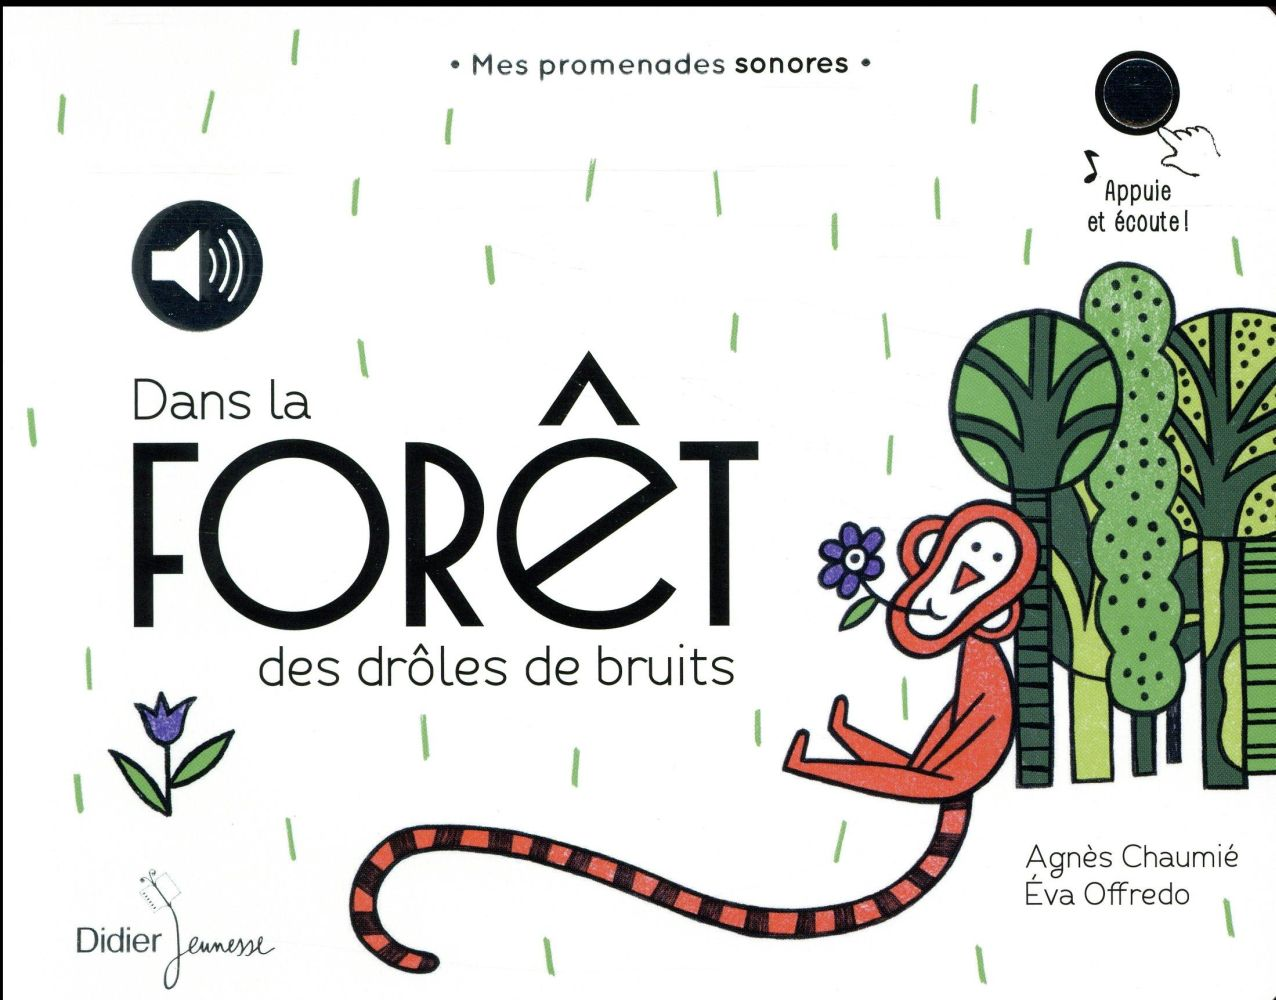 DANS LA FORET DES DROLES DE BRUITS